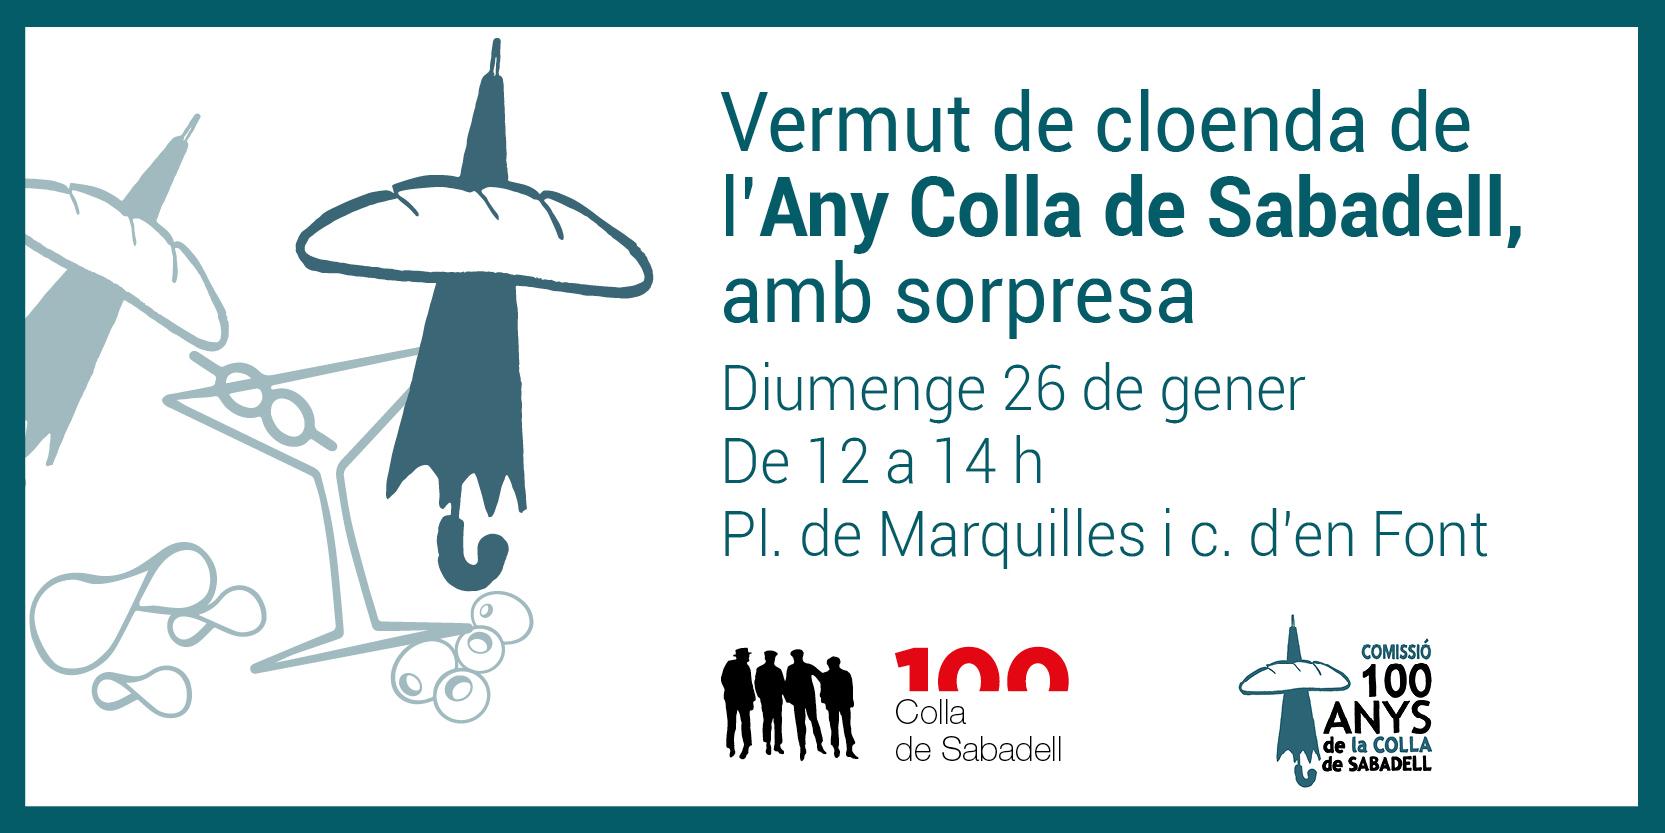 Un vermut amb sorpresa acomiada l'Any Colla de Sabadell, durant el qual s'han organitzat més d'un centenar d'actes